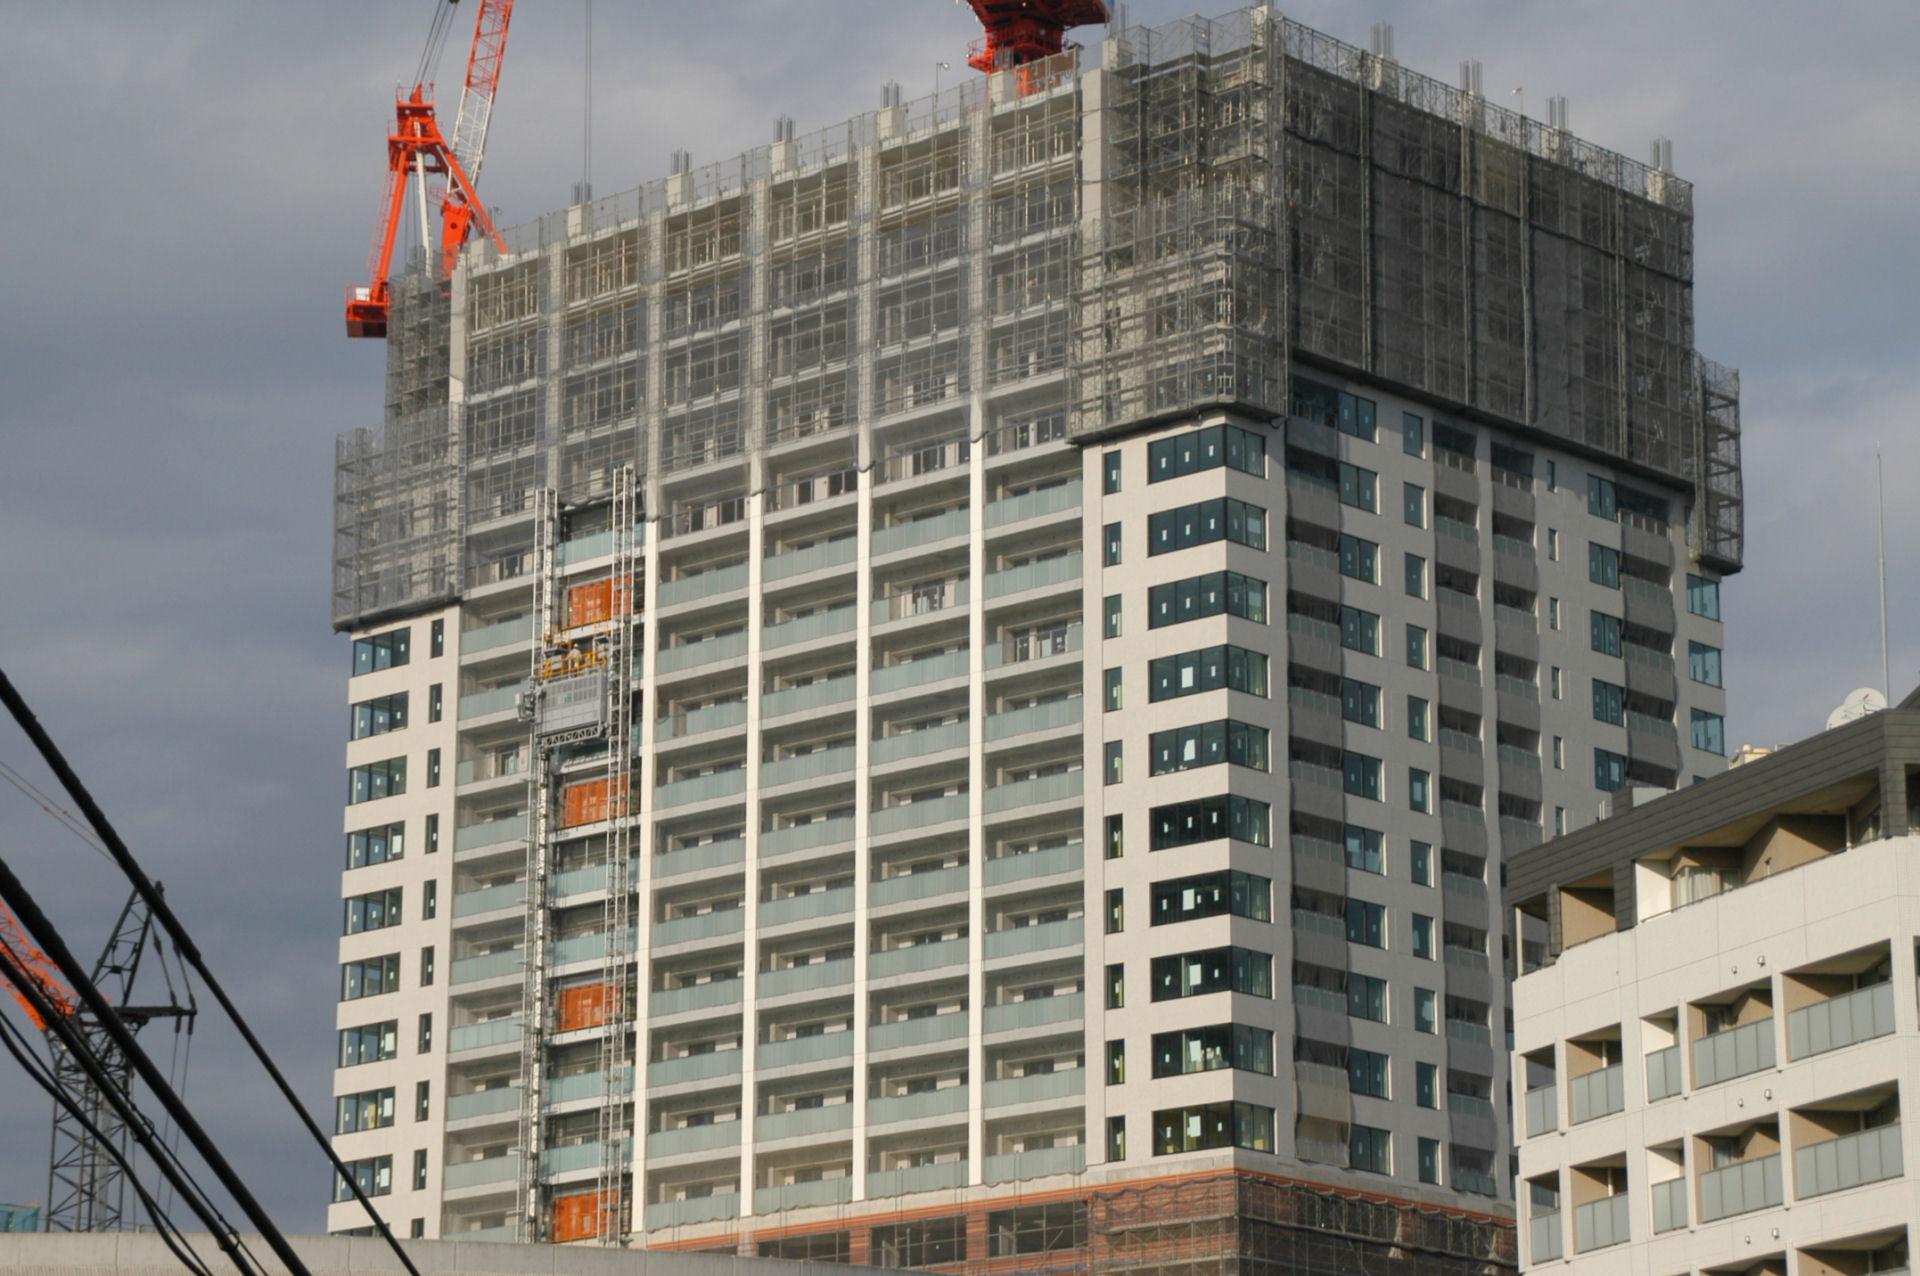 crossairtower0127.jpg